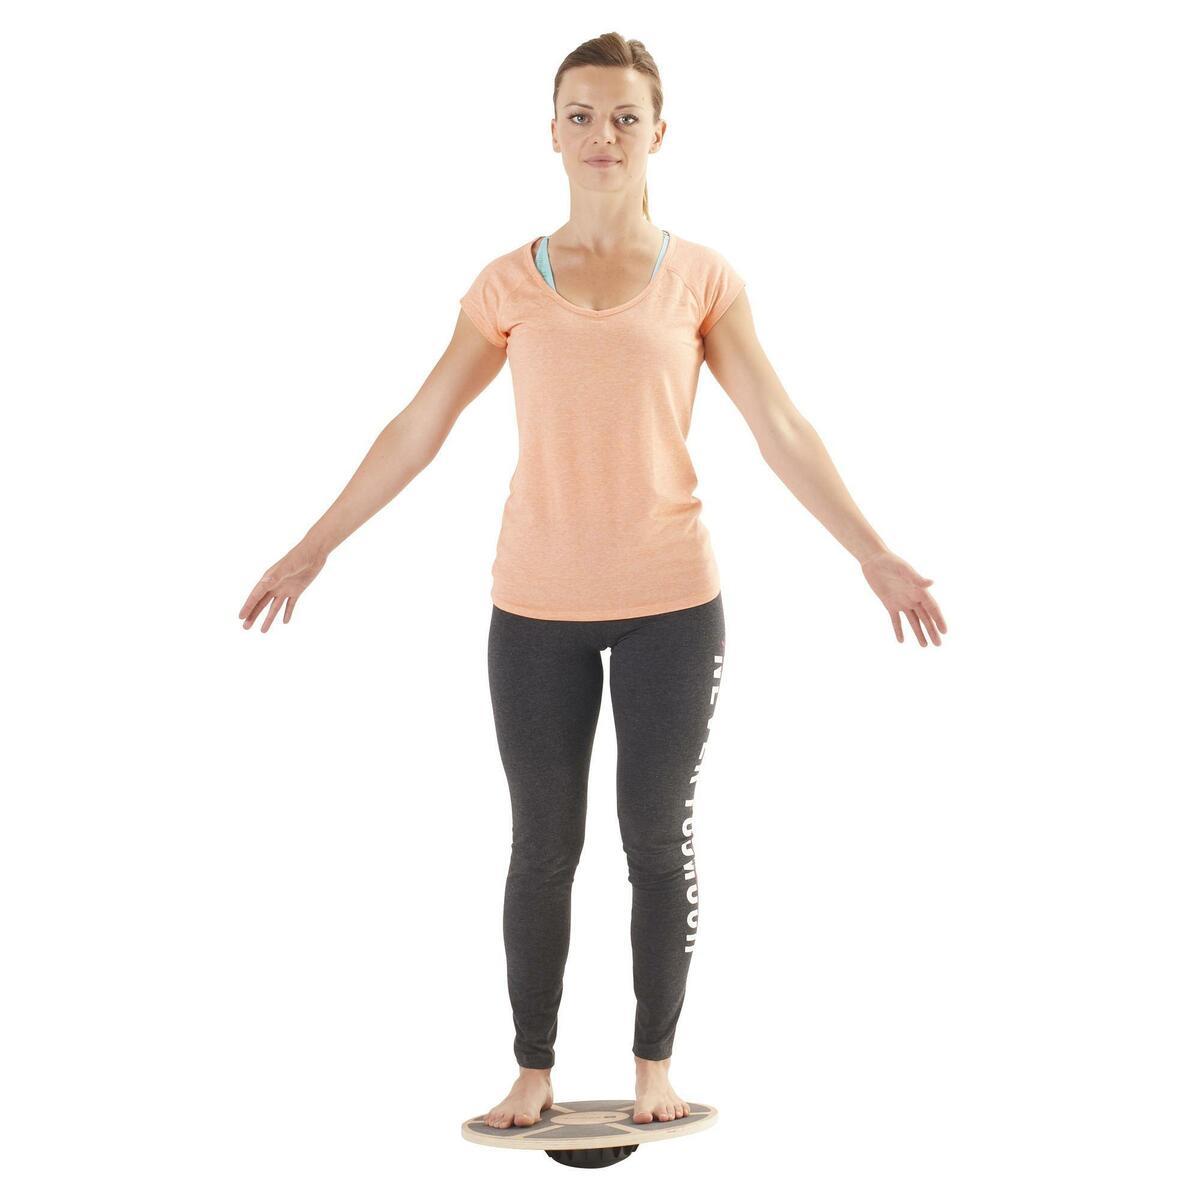 Bild 2 von Balance Board 500 Gleichgewicht Pilates Stretching